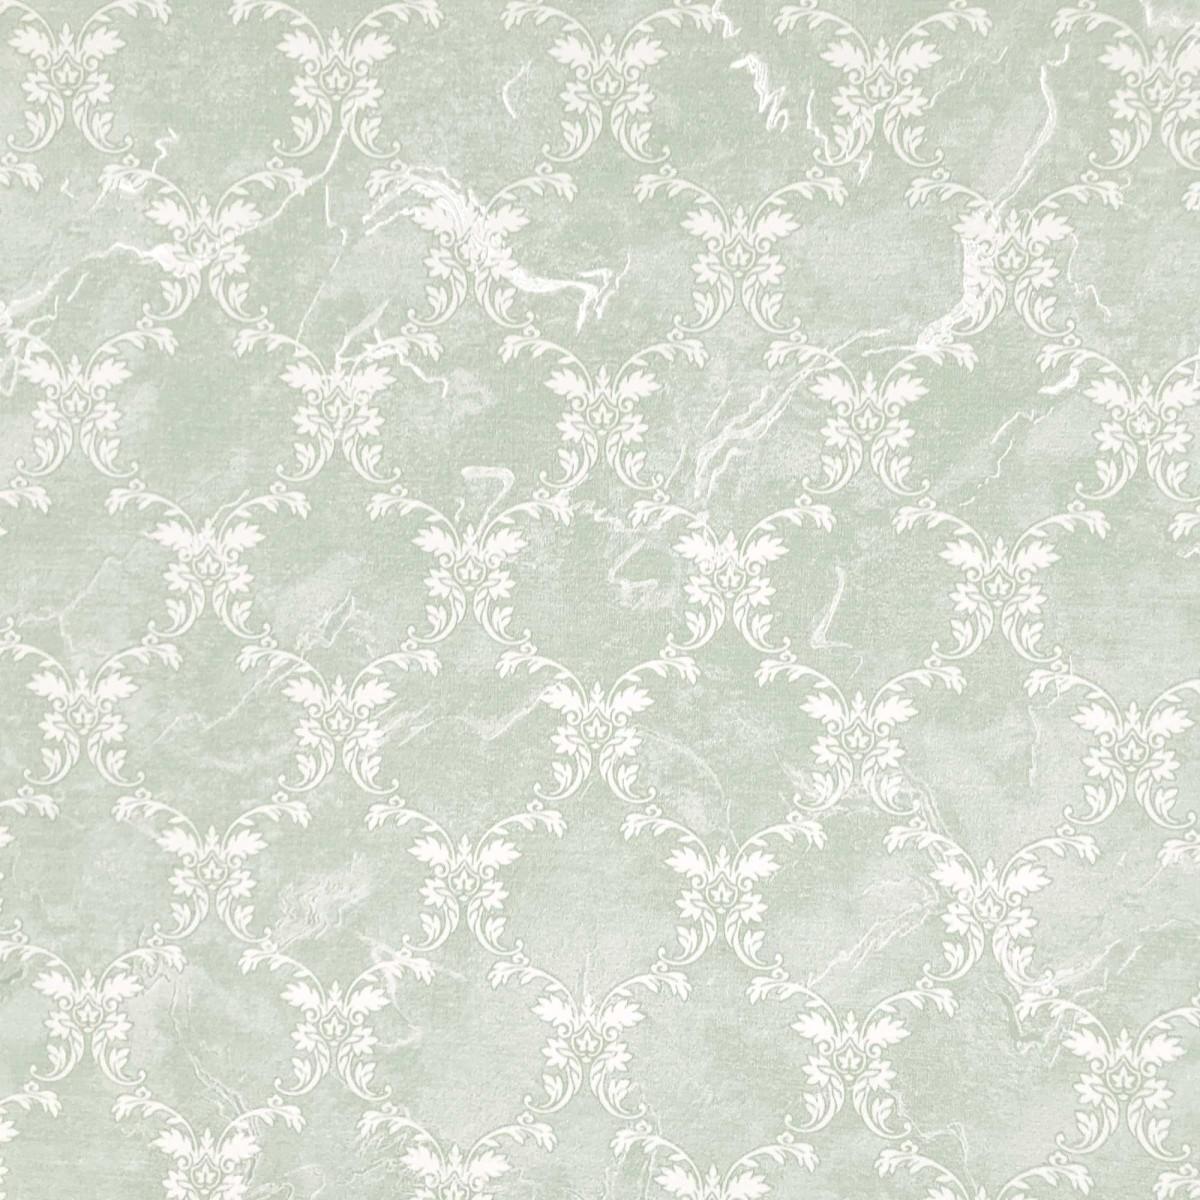 Декоративные обои Индустрия Ambra зеленые 1.06 м 167062-95